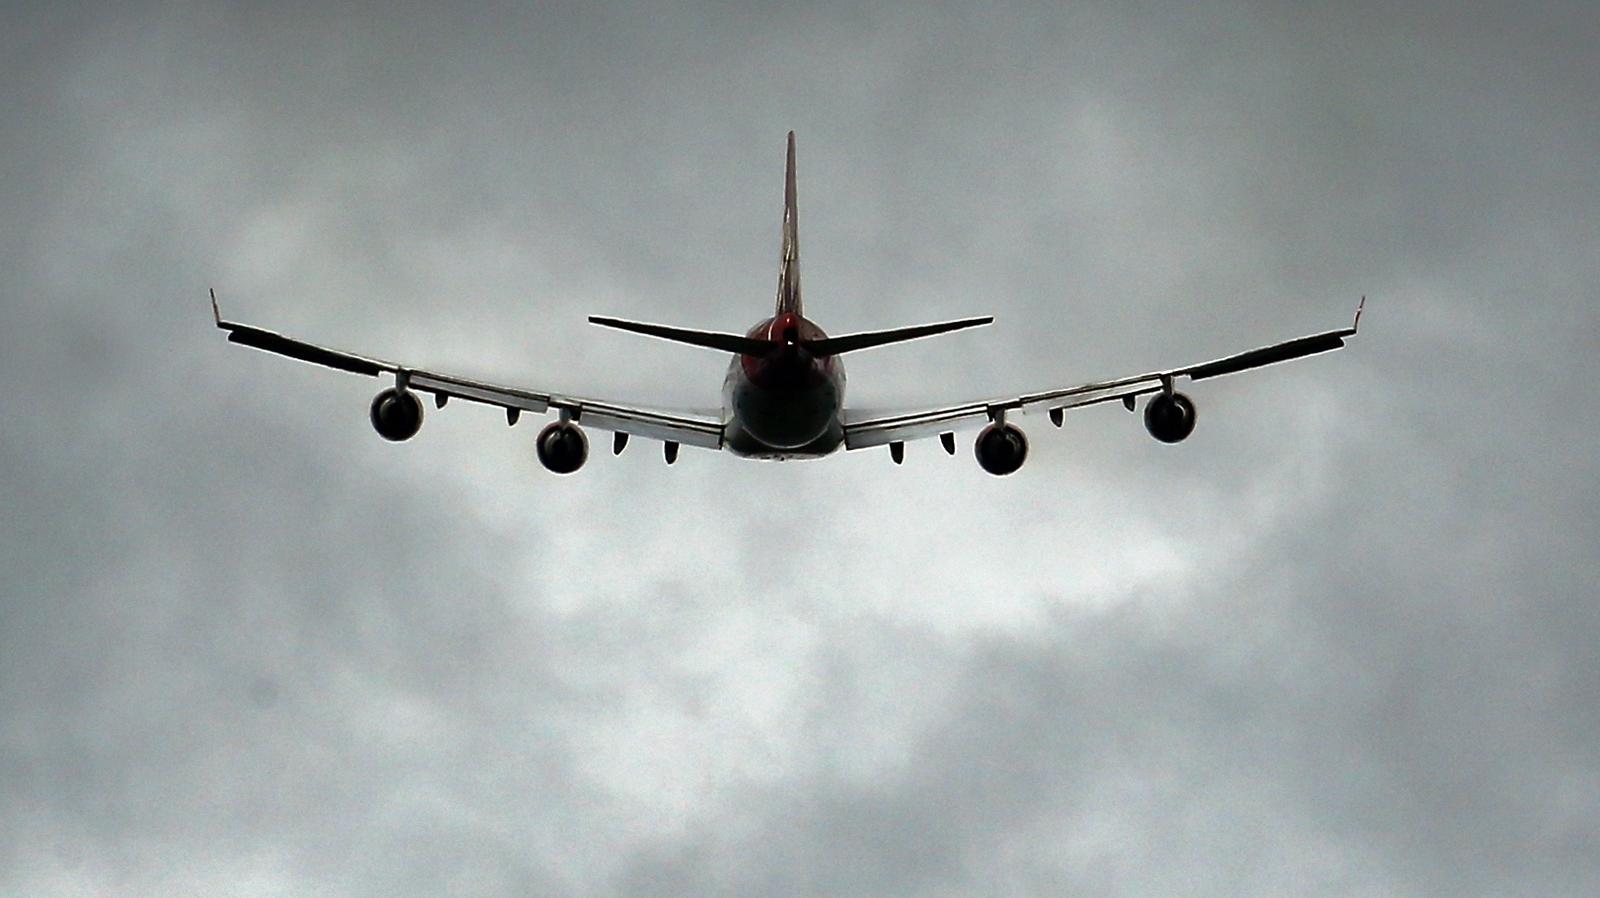 Alitalia flights to repatriate people stuck abroad